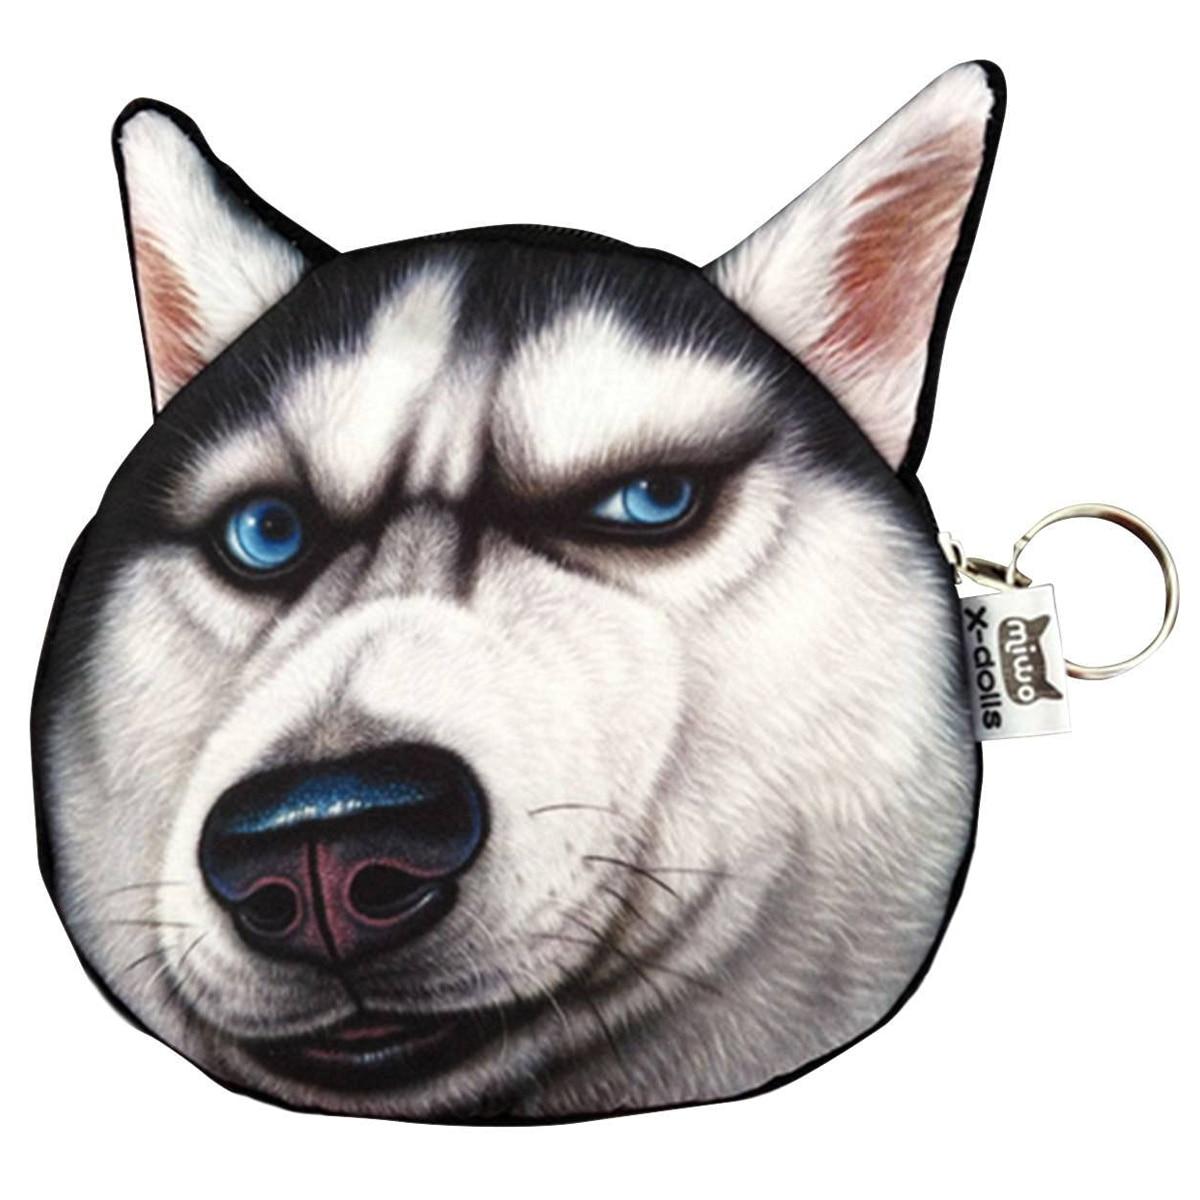 5) Cute Lovely 3D Dog Face Zipper Case Coin Girl Purse Wallet Makeup Bag Pouch Huskies